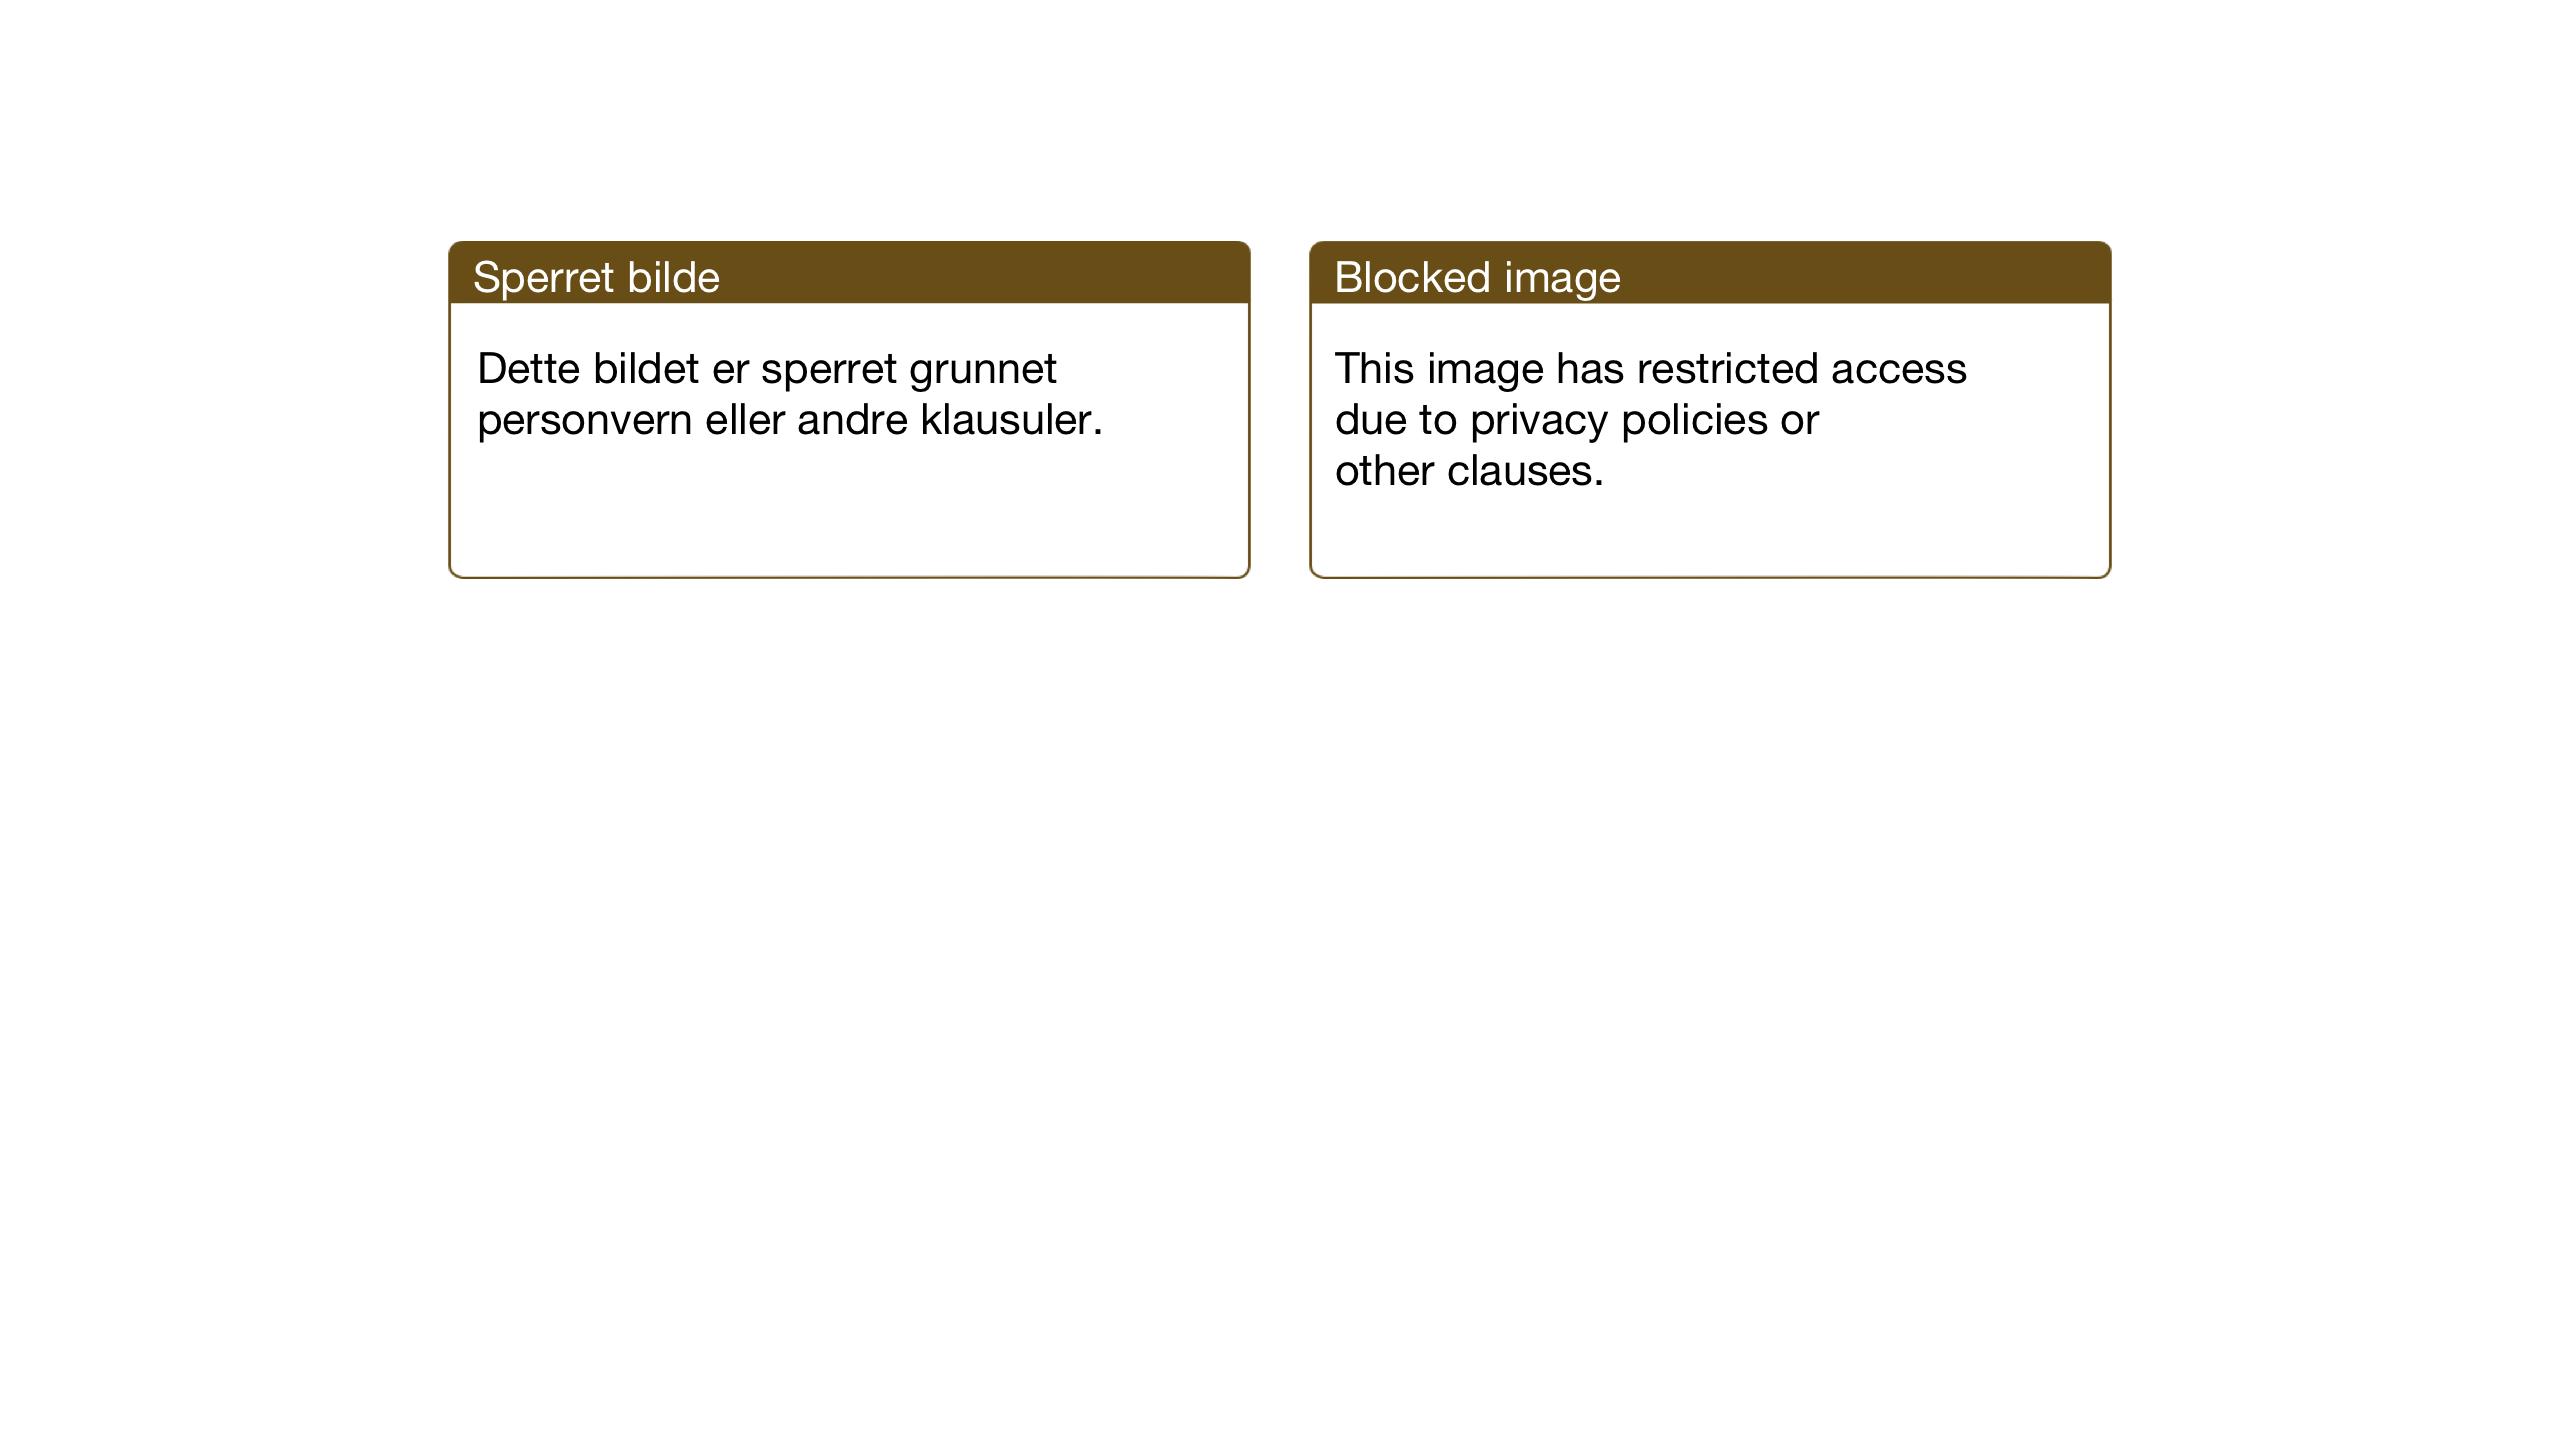 SAT, Ministerialprotokoller, klokkerbøker og fødselsregistre - Sør-Trøndelag, 657/L0718: Klokkerbok nr. 657C05, 1923-1948, s. 54